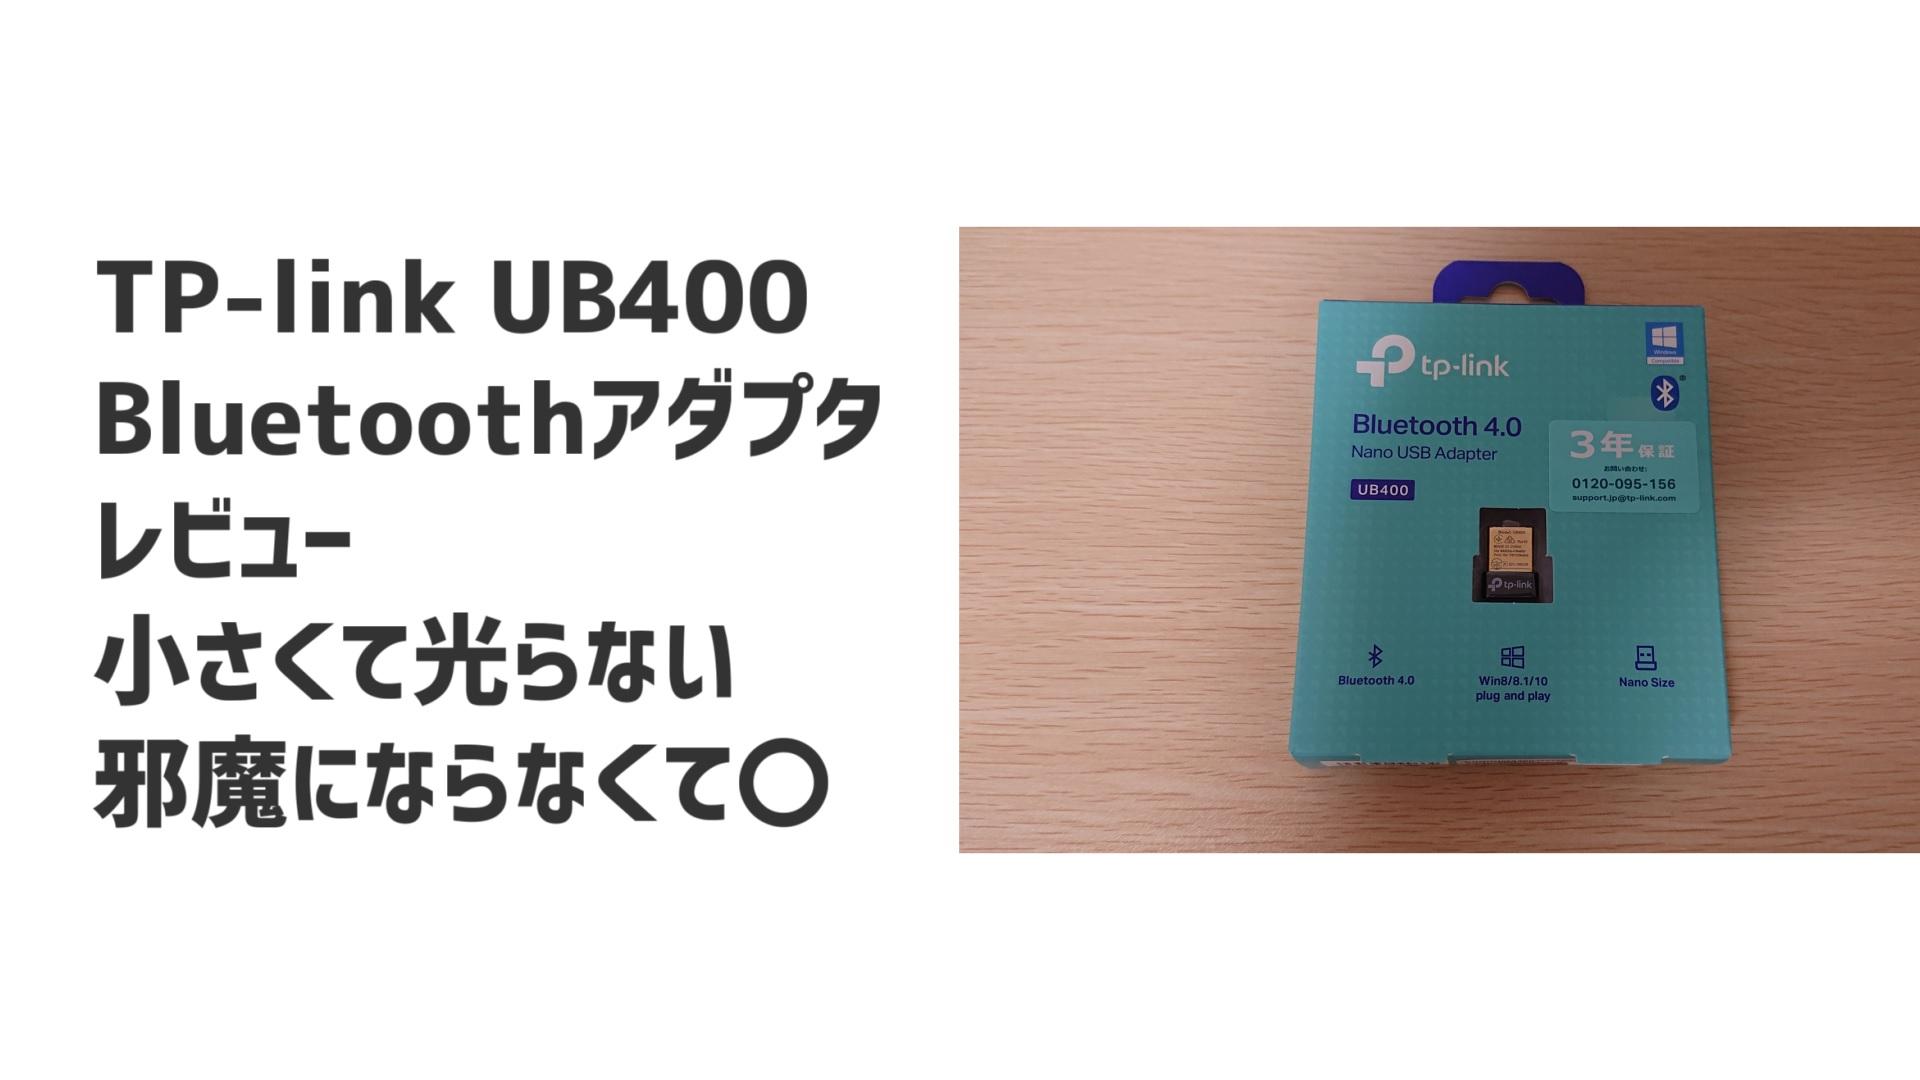 tp-link Bluetooth アダプタ UB400 レビュー